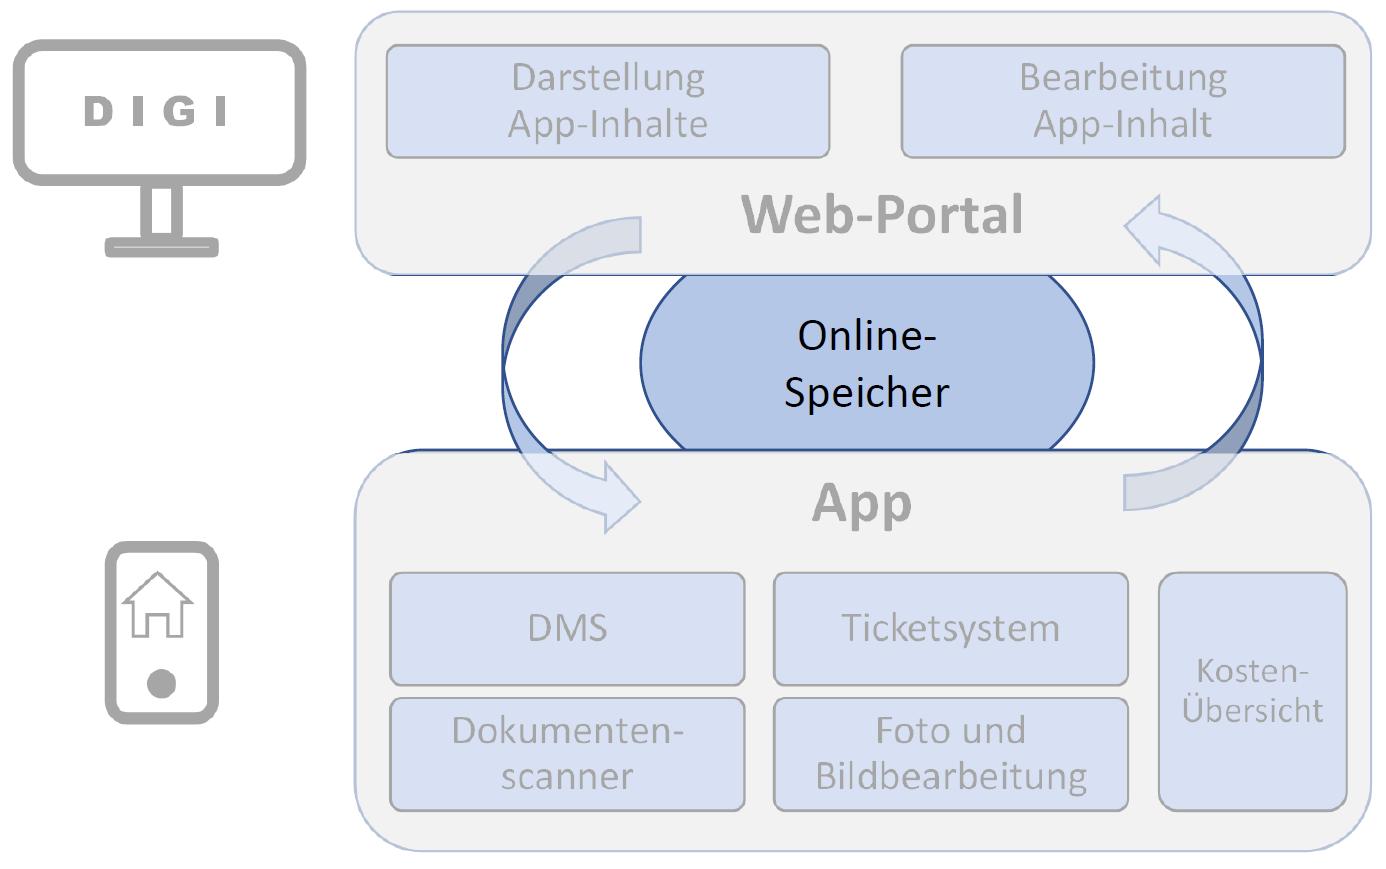 Hausbau App DIGI Systemuebersicht Onlinespeicher